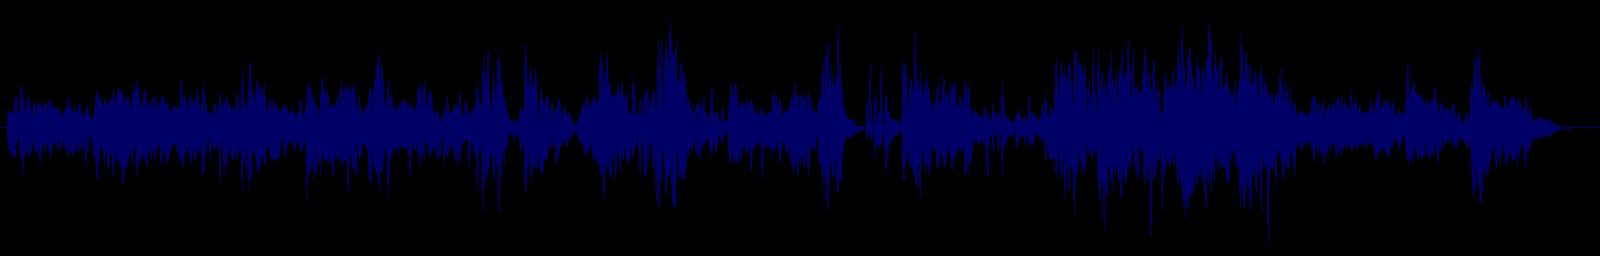 waveform of track #129090